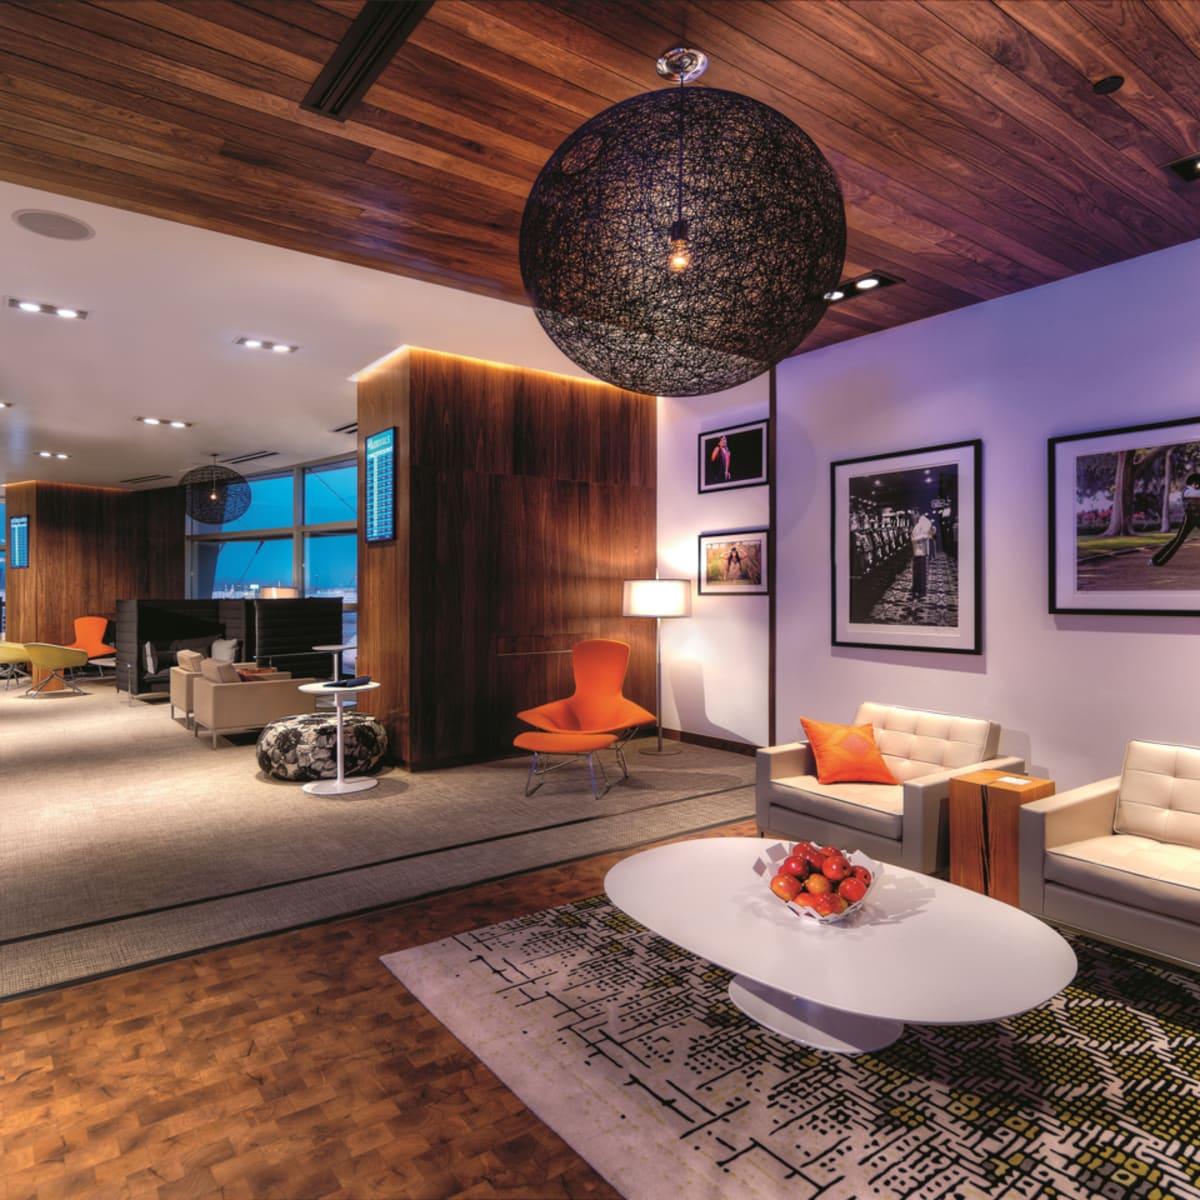 American Express Centurion Lounge Las Vegas